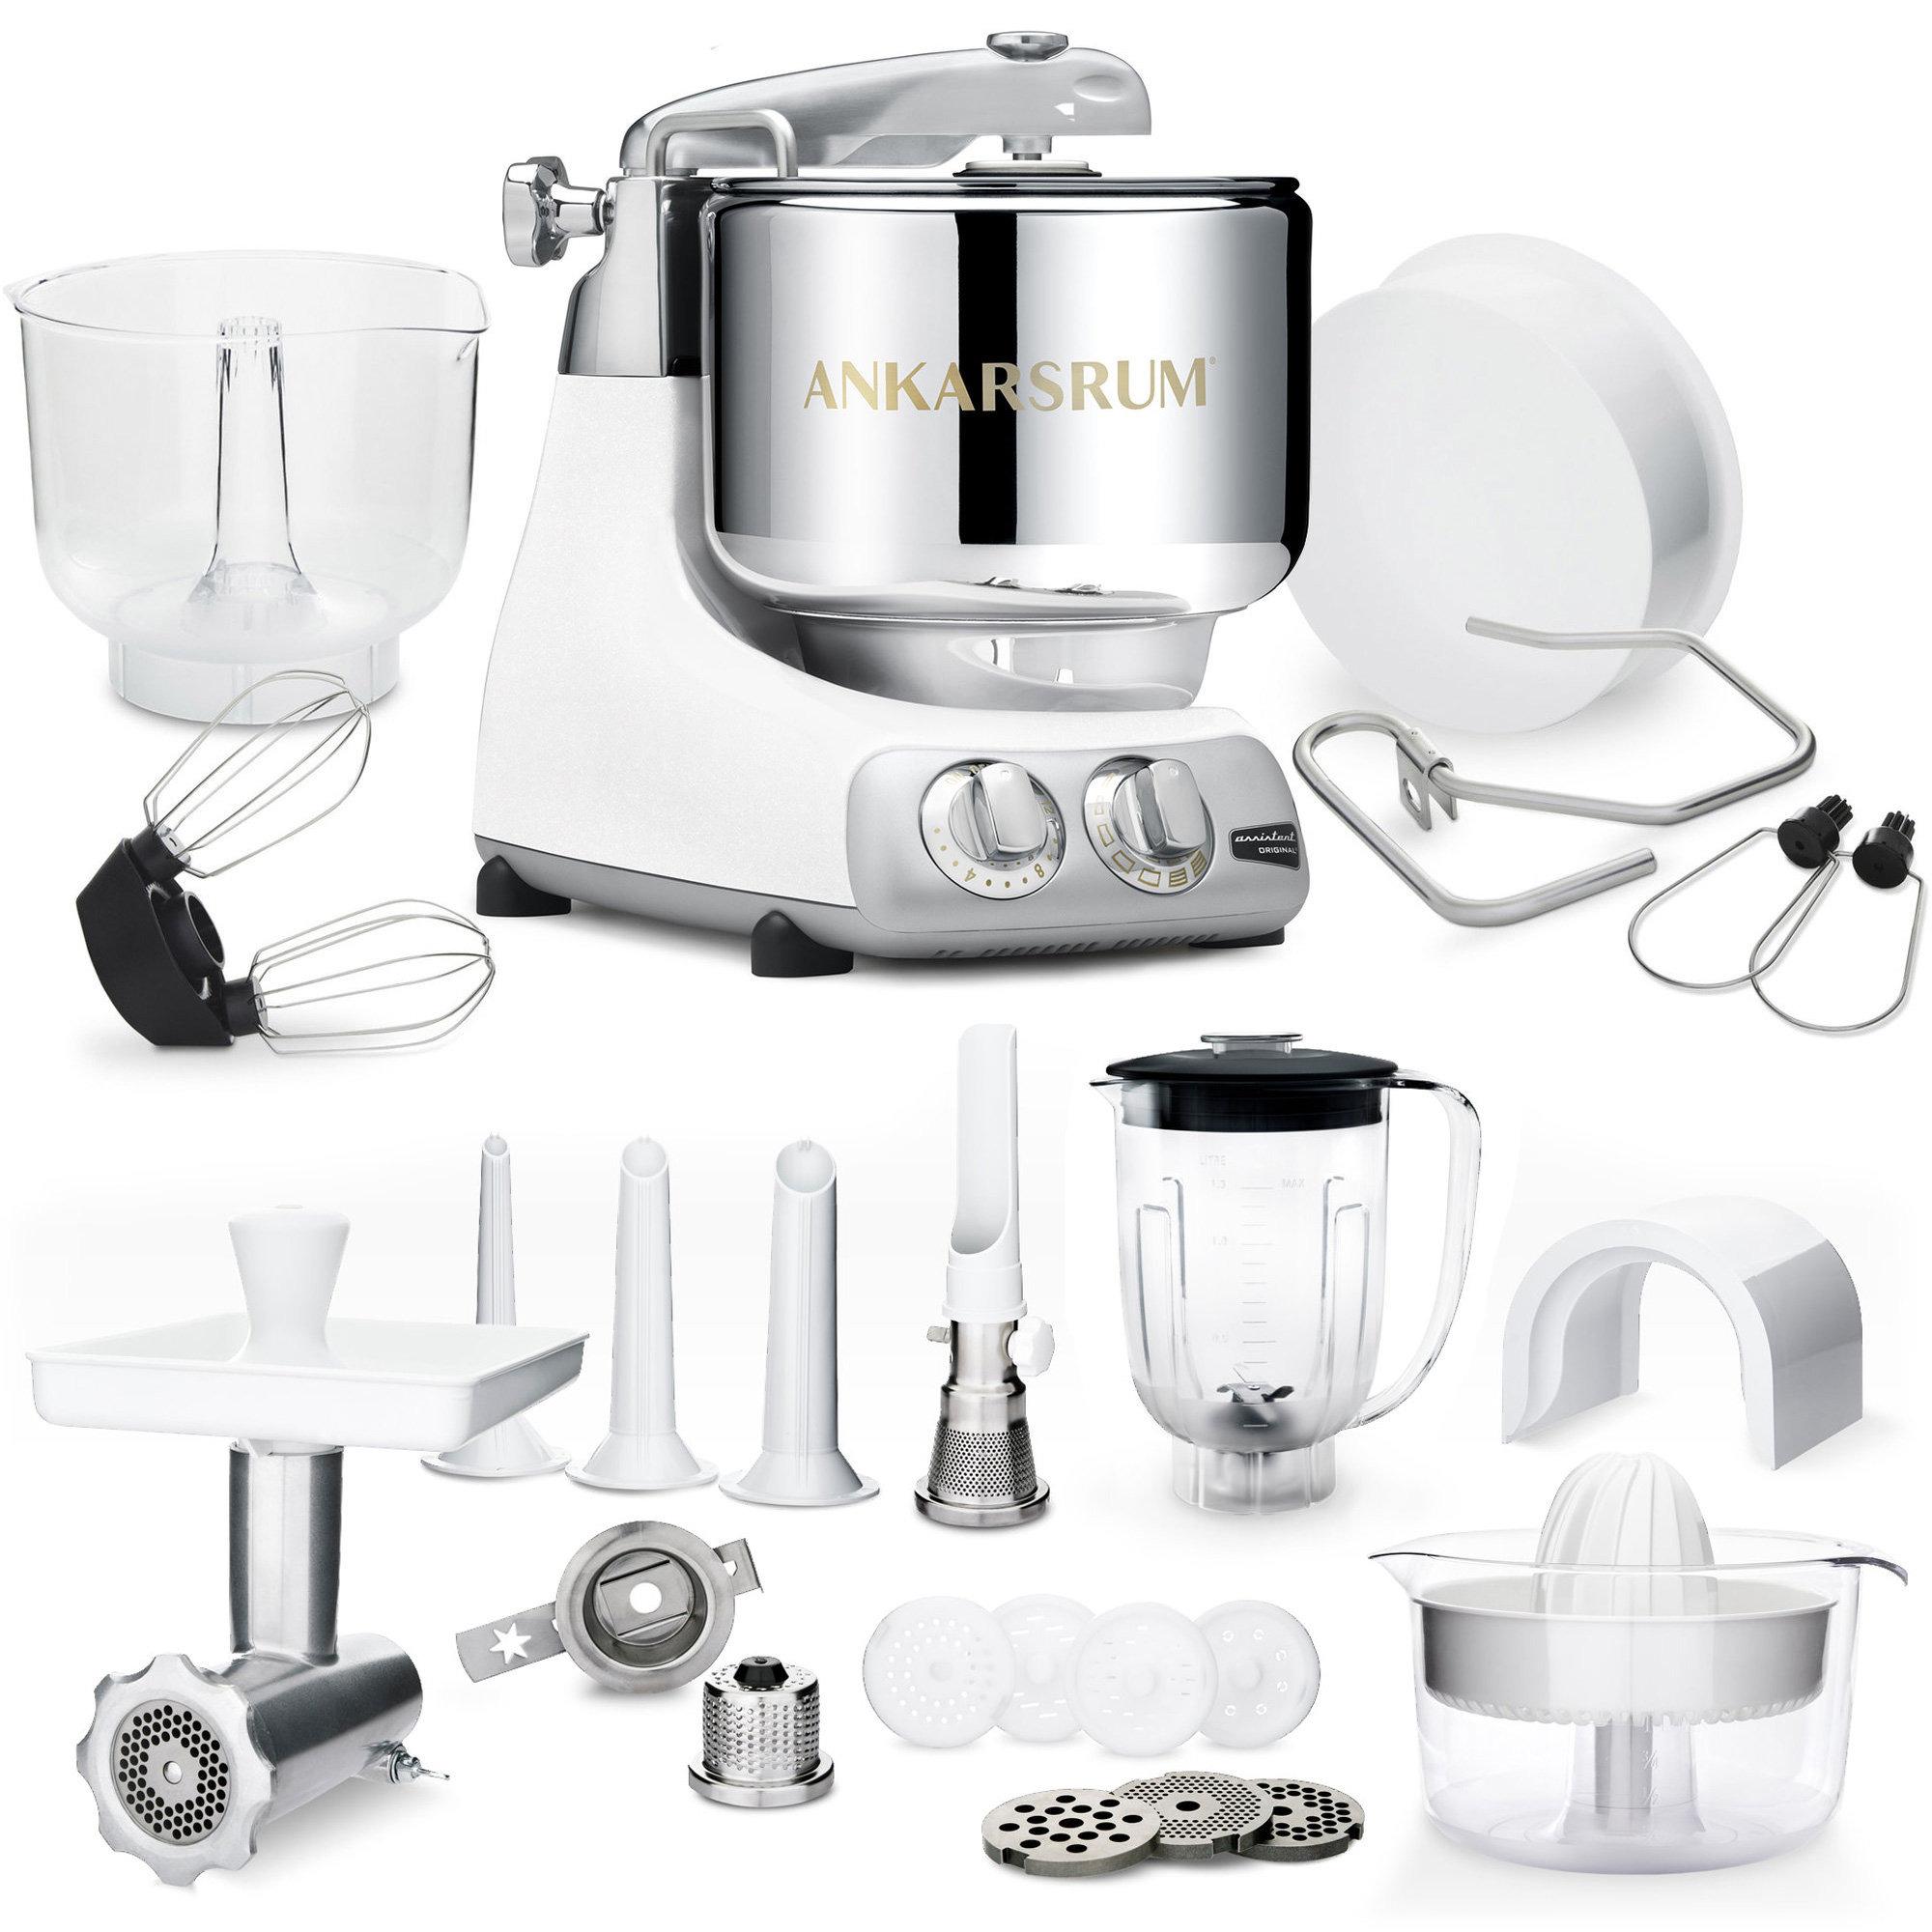 Bilde av Ankarsrum Akm 6290 Kjøkkenmaskin Original Glossy White Med Den Store Tilbehørspakken - Deluxe